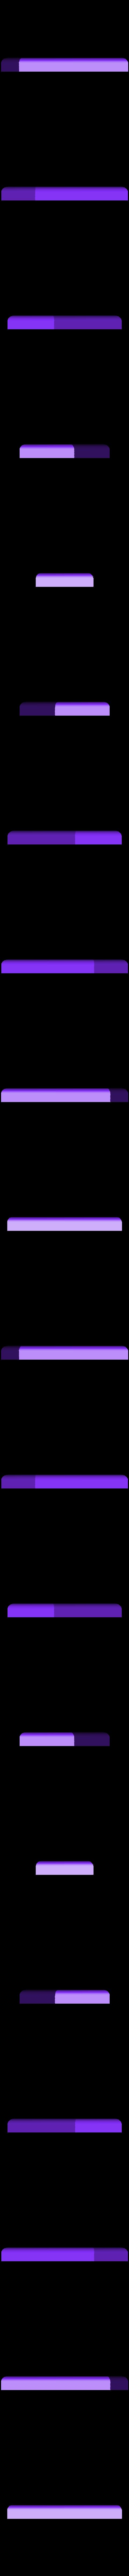 clock-2.STL Télécharger fichier STL gratuit chronométrer • Objet à imprimer en 3D, gaevskiiy